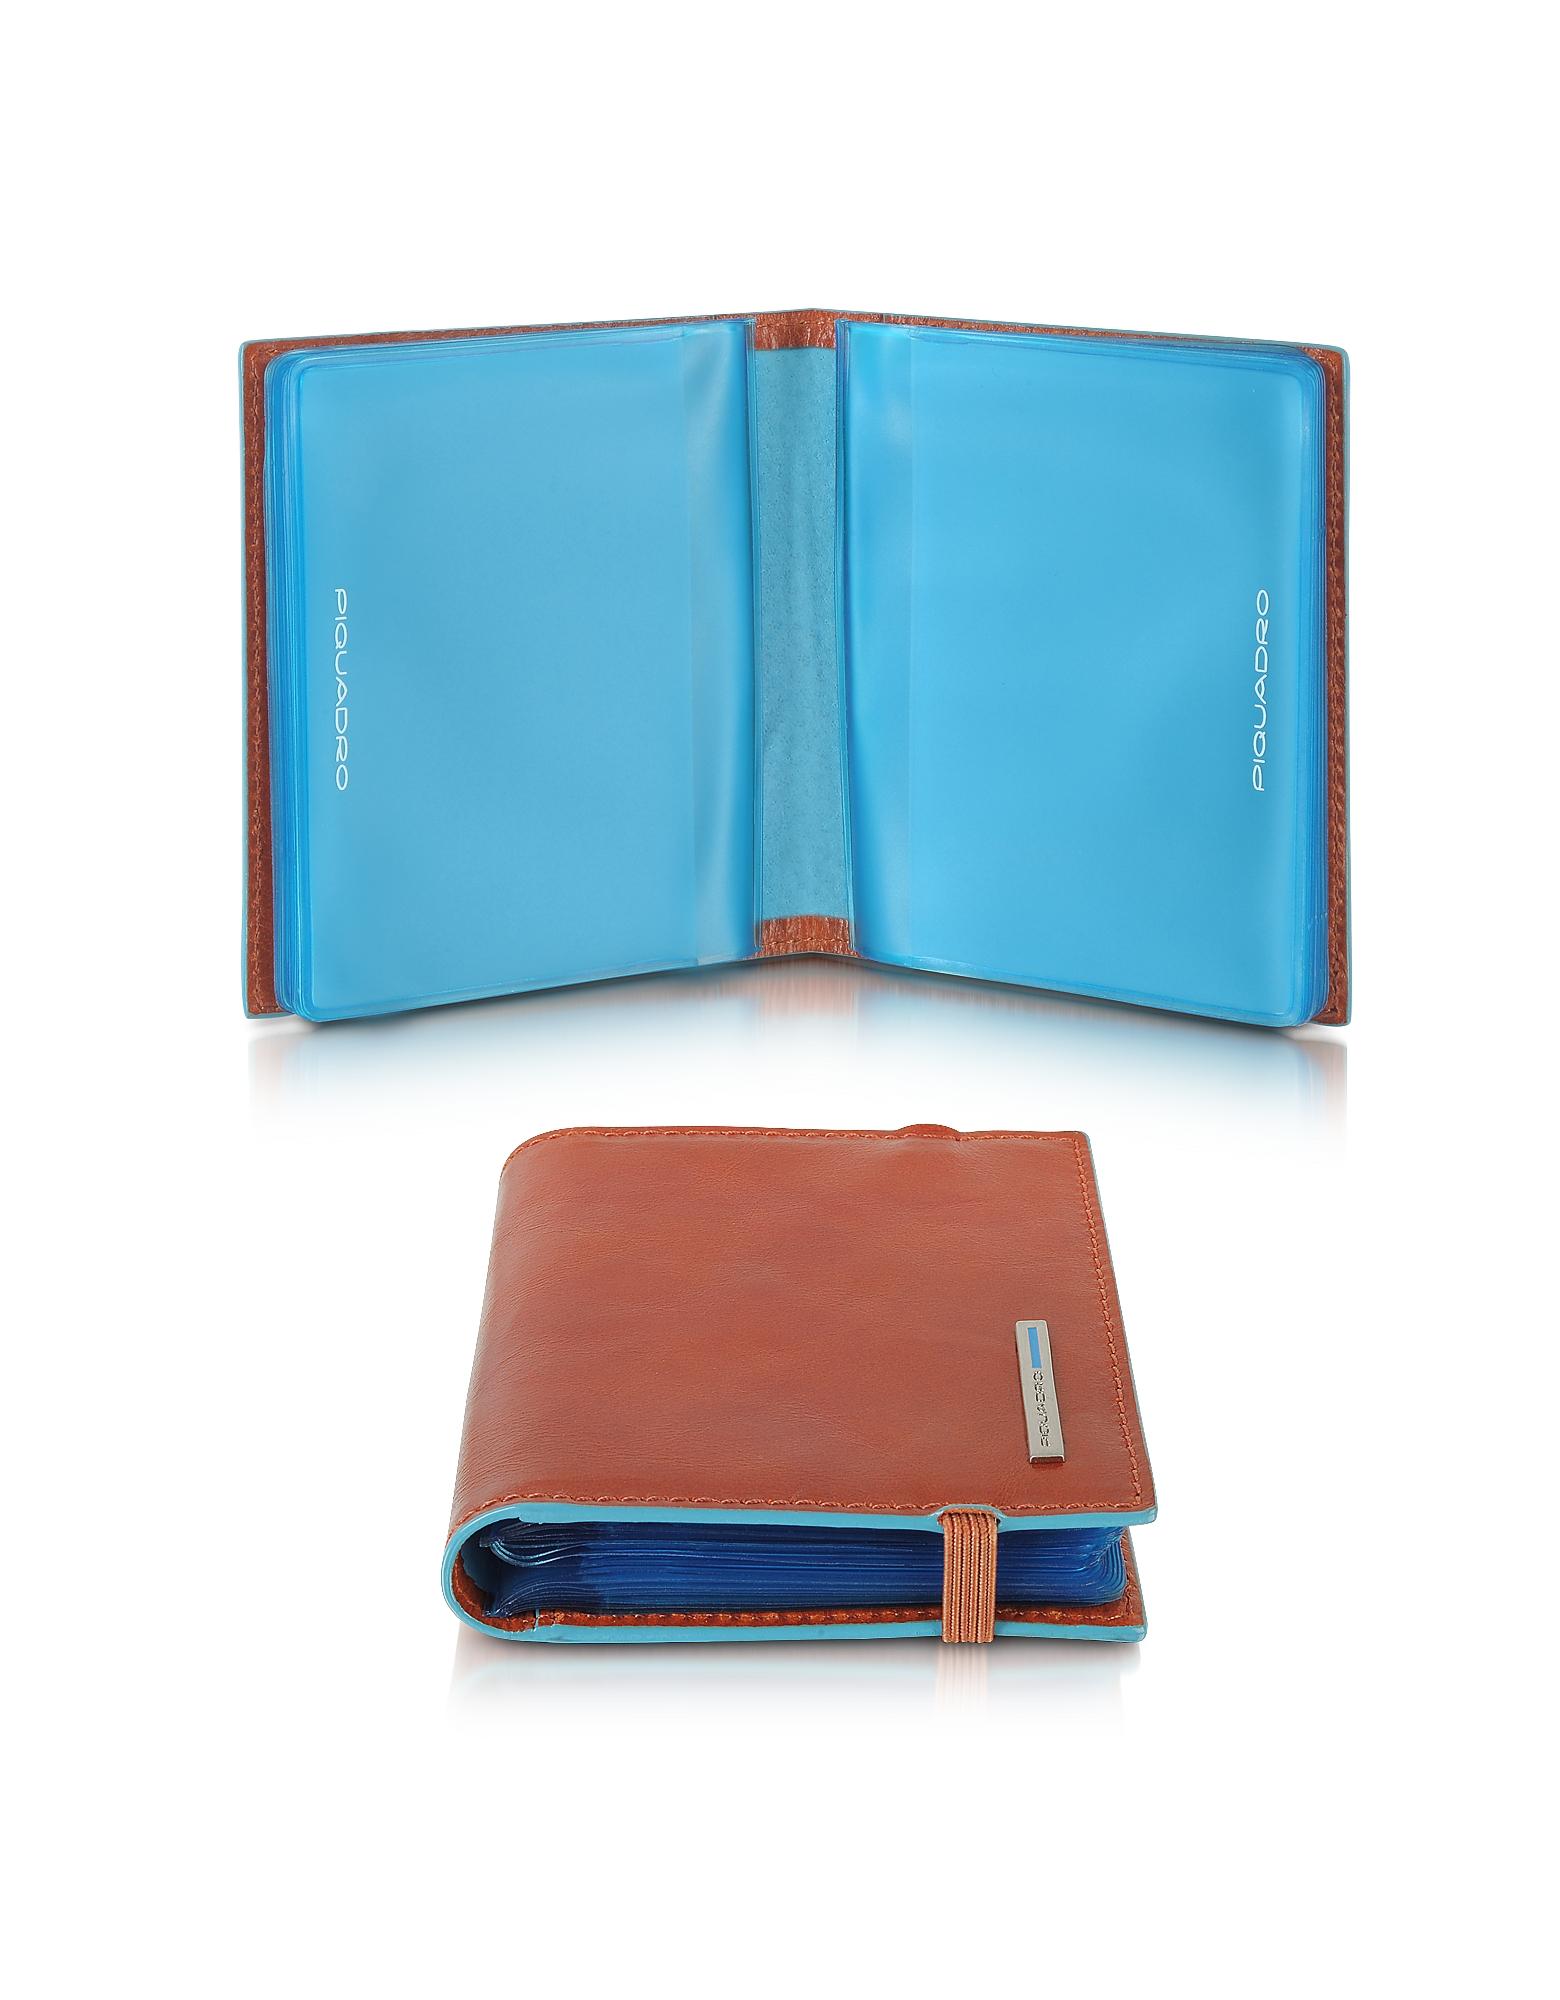 Синий Квадратный Кожаный Бумажник для Кредитных Карт